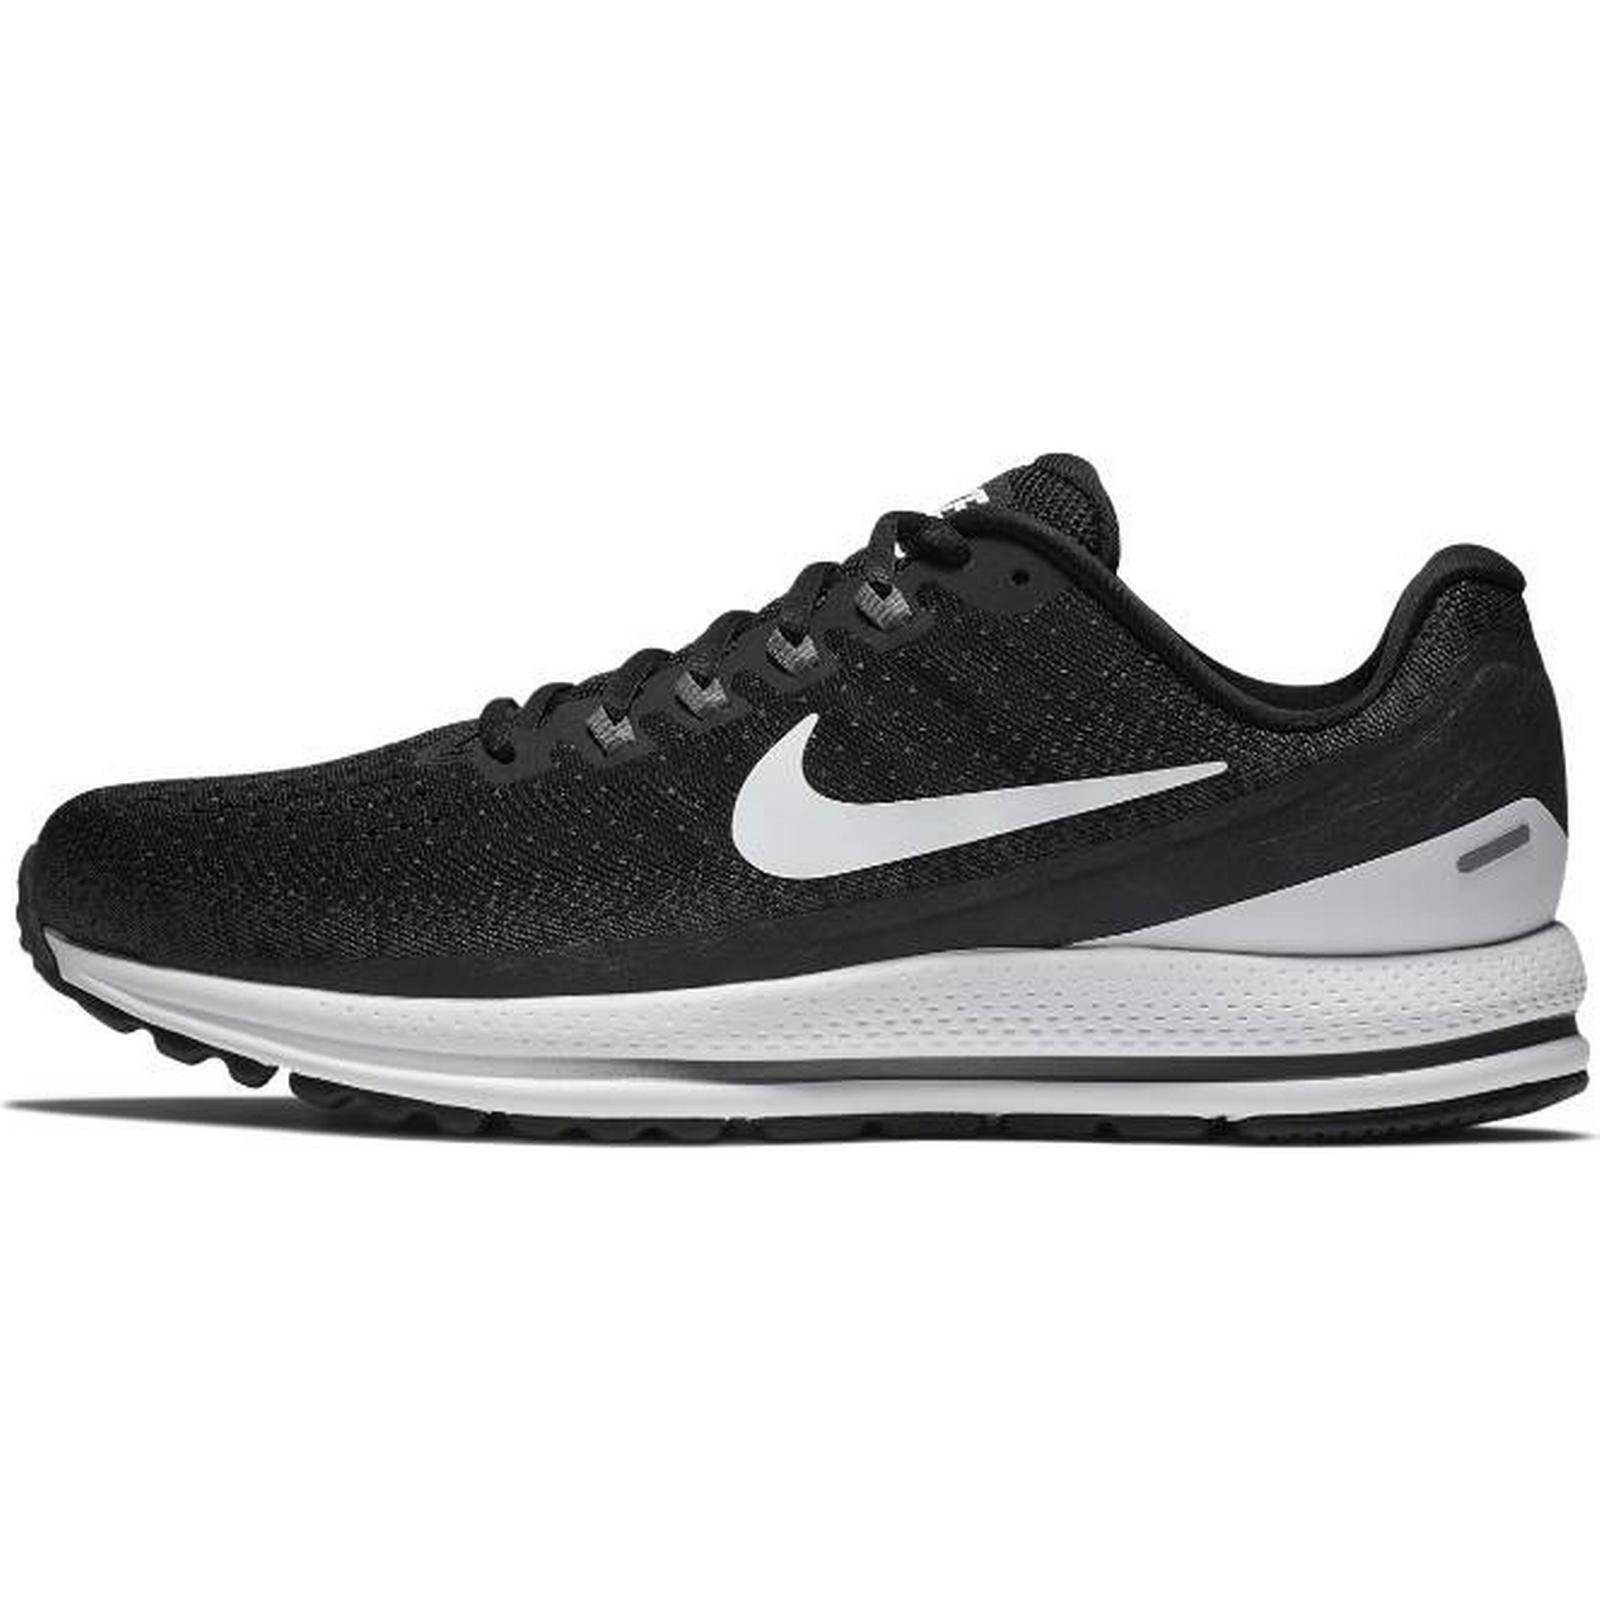 NIKE Męskie Buty Do Biegania Nike (szerokie) Air Zoom Vomero 13 (szerokie) Nike 77de5f